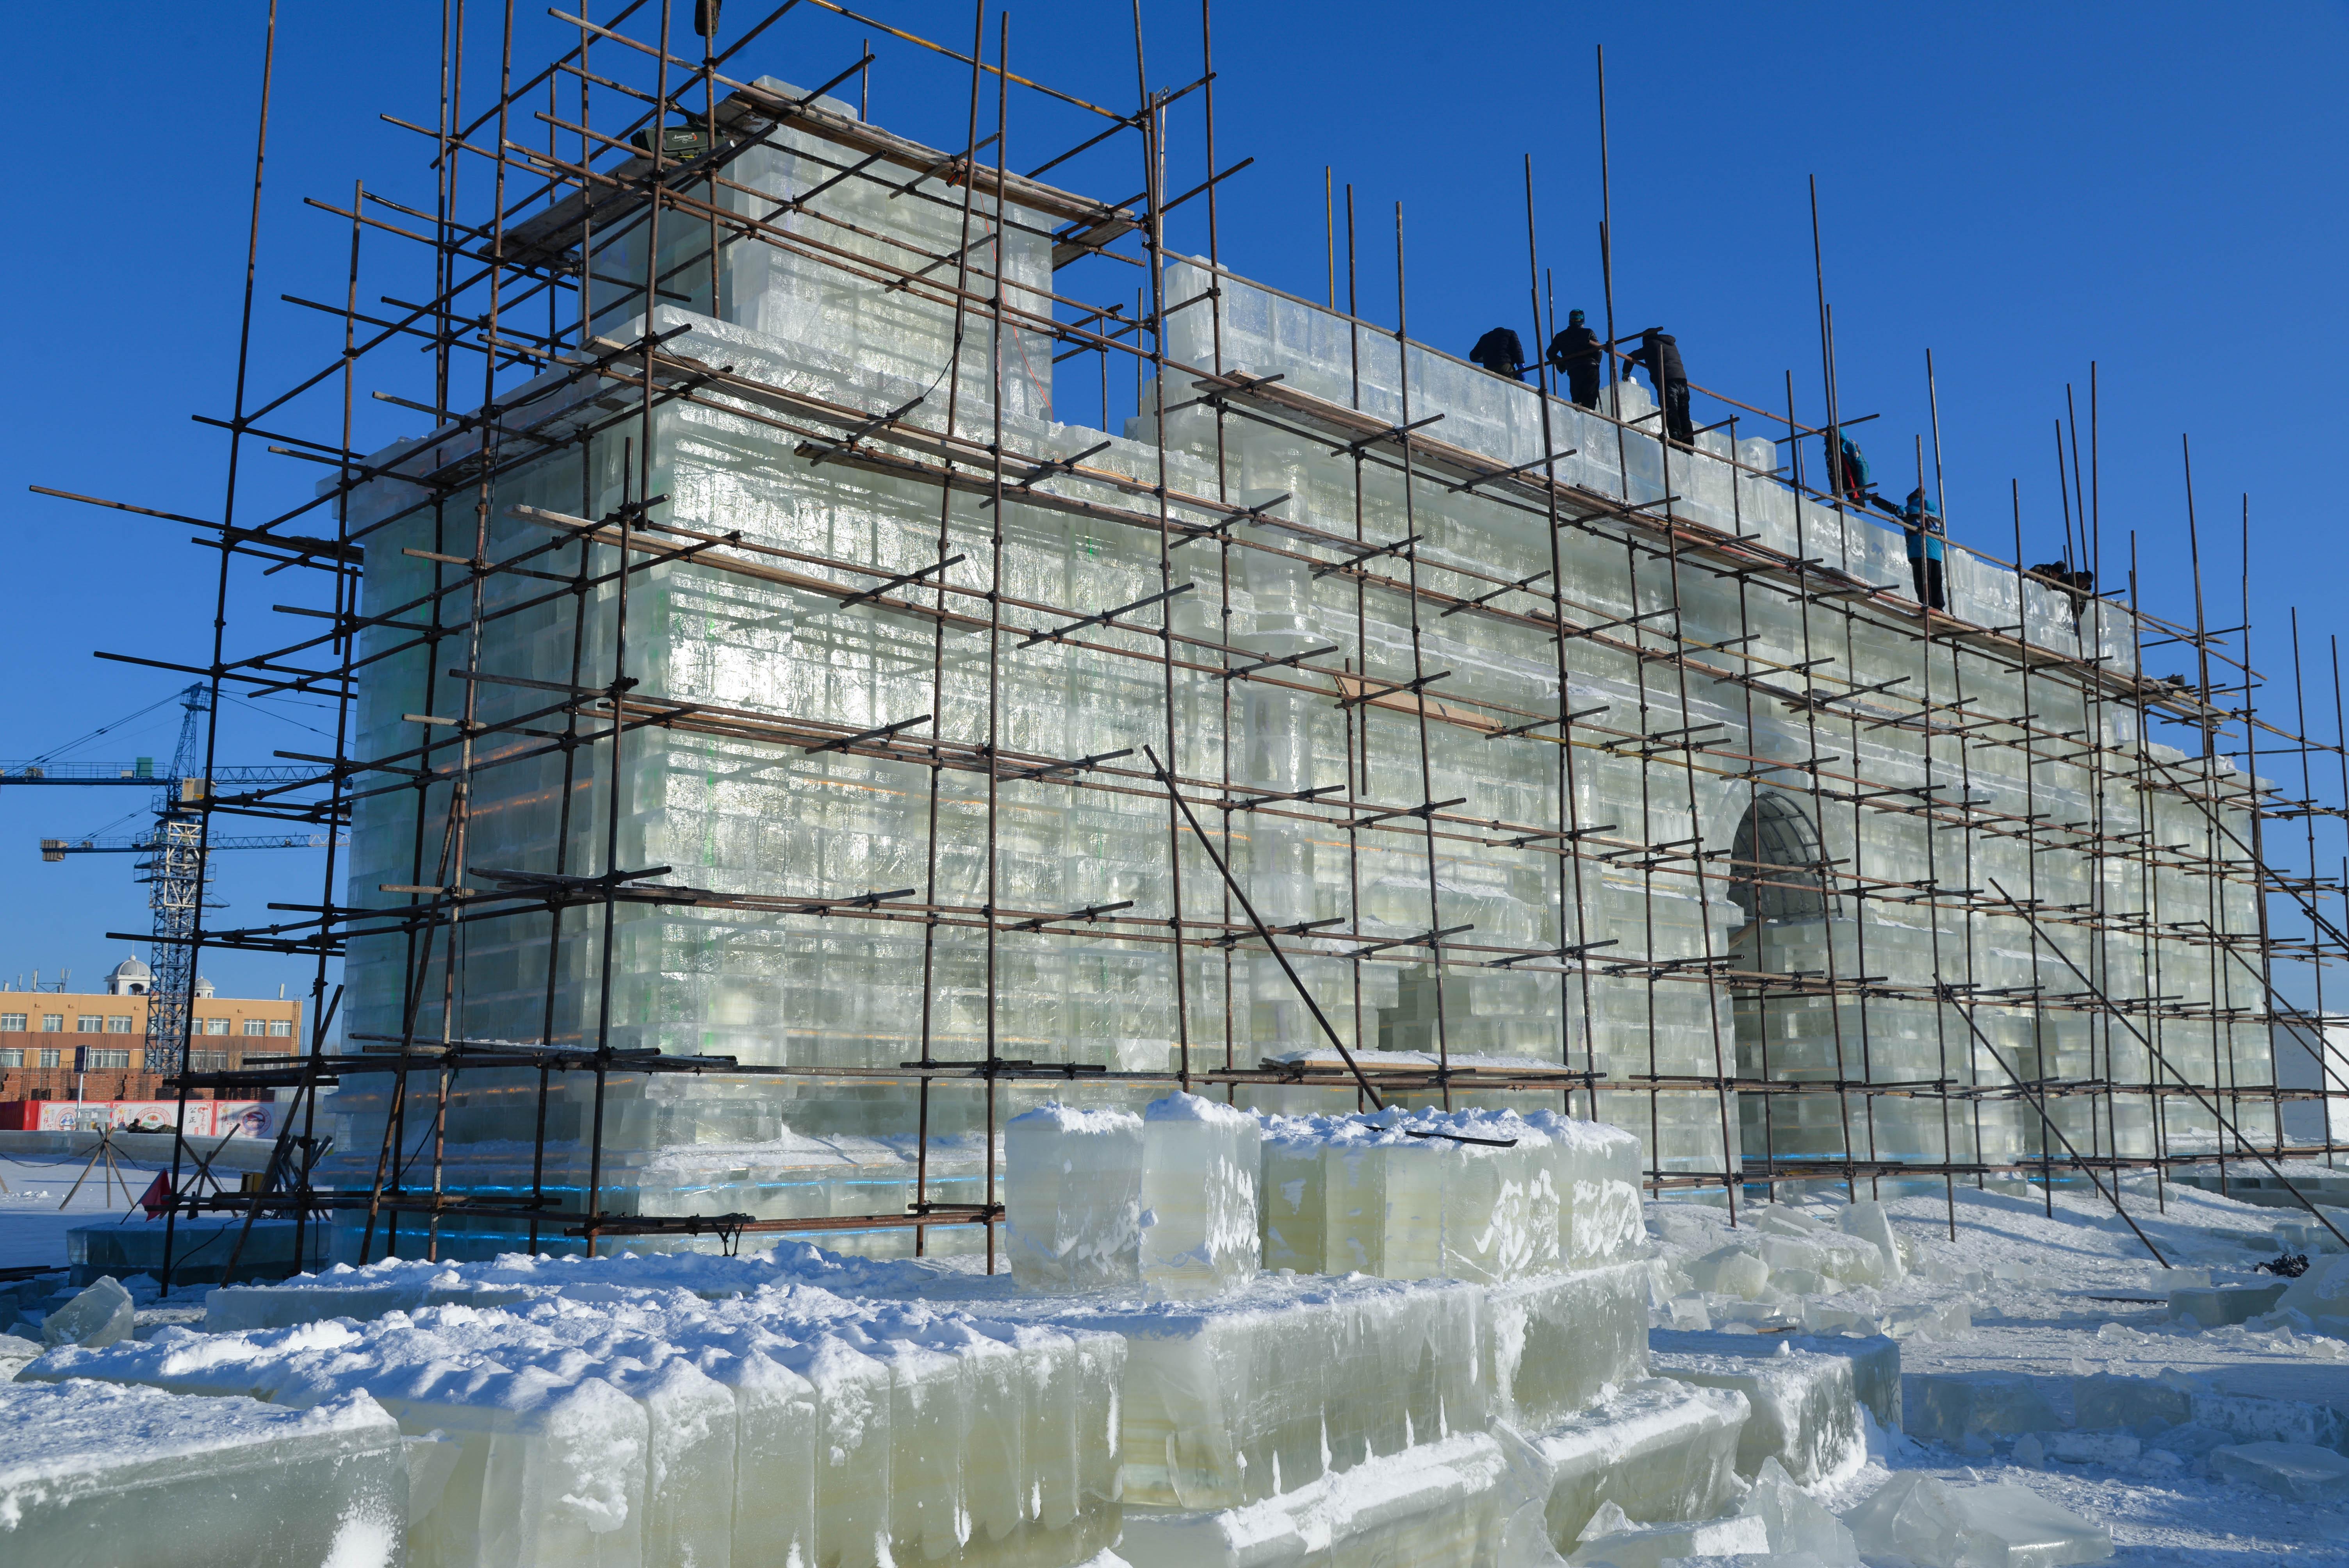 氷彫刻の制作本格化、高まるお祭り気分 内モンゴル自治区